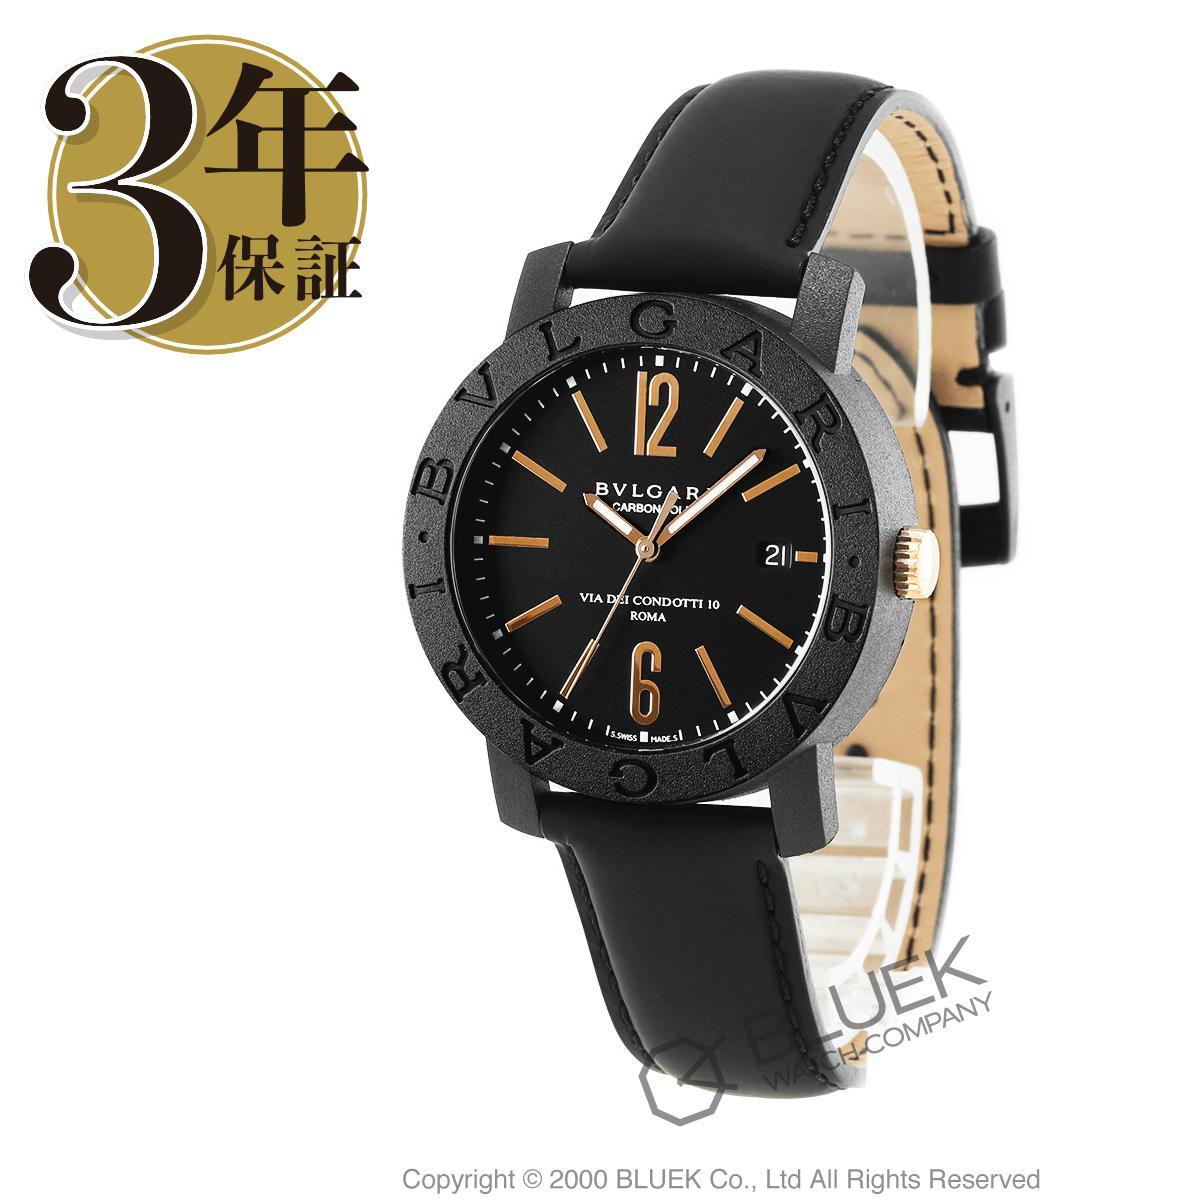 ブルガリ BVLGARI 腕時計 ブルガリブルガリ メンズ BBP40BCGLD_8